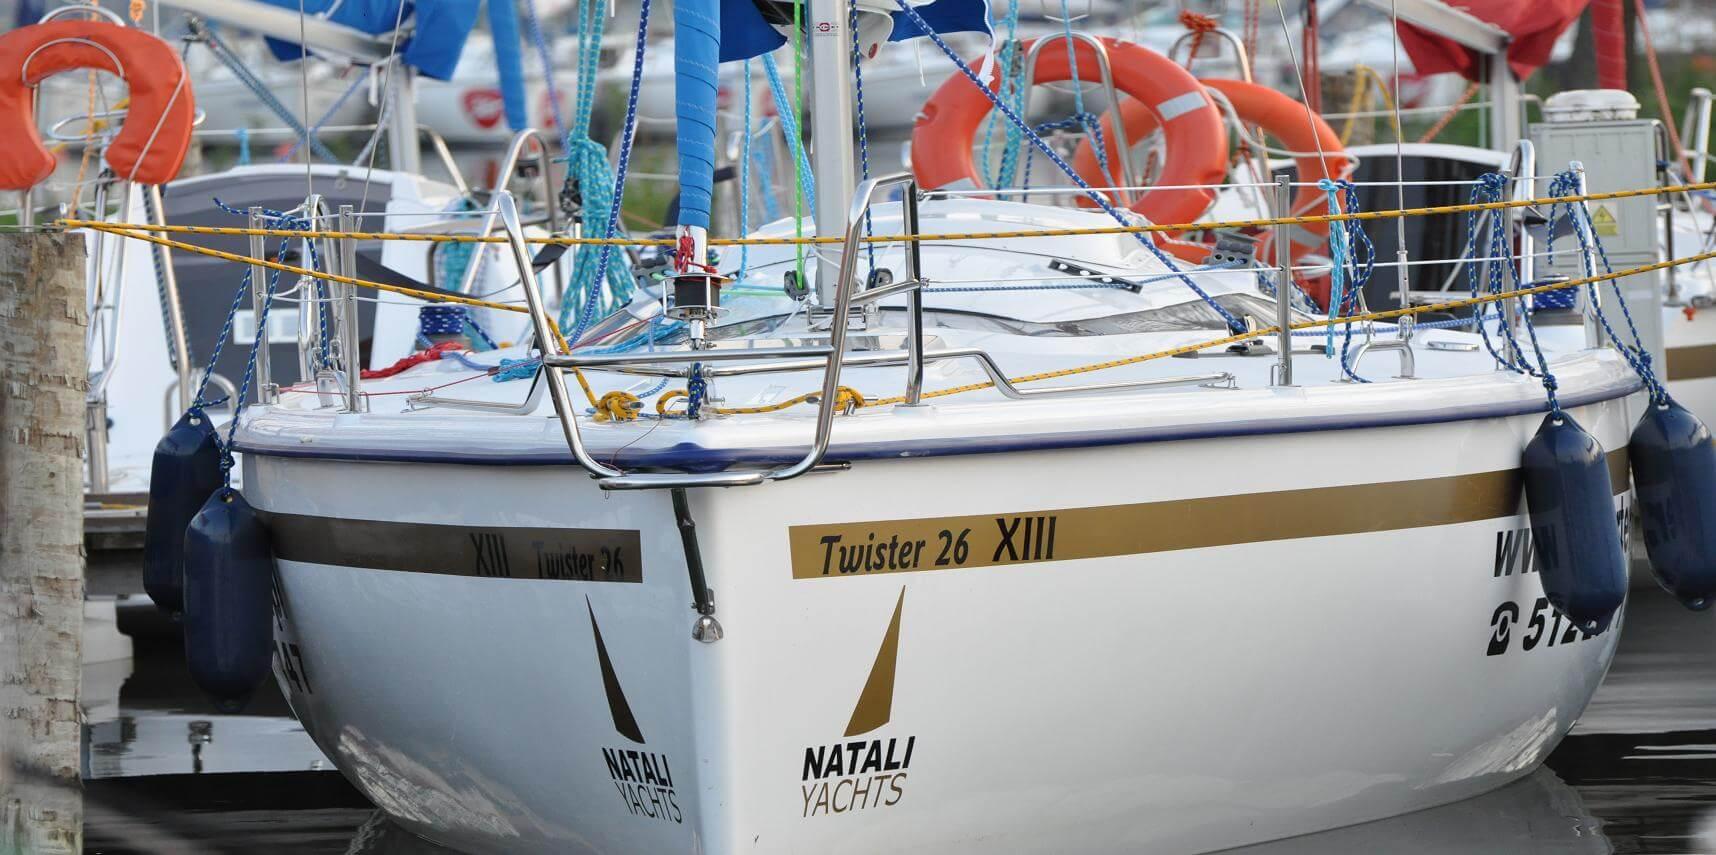 Twister 32 - początek nowej ery w żeglarstwie